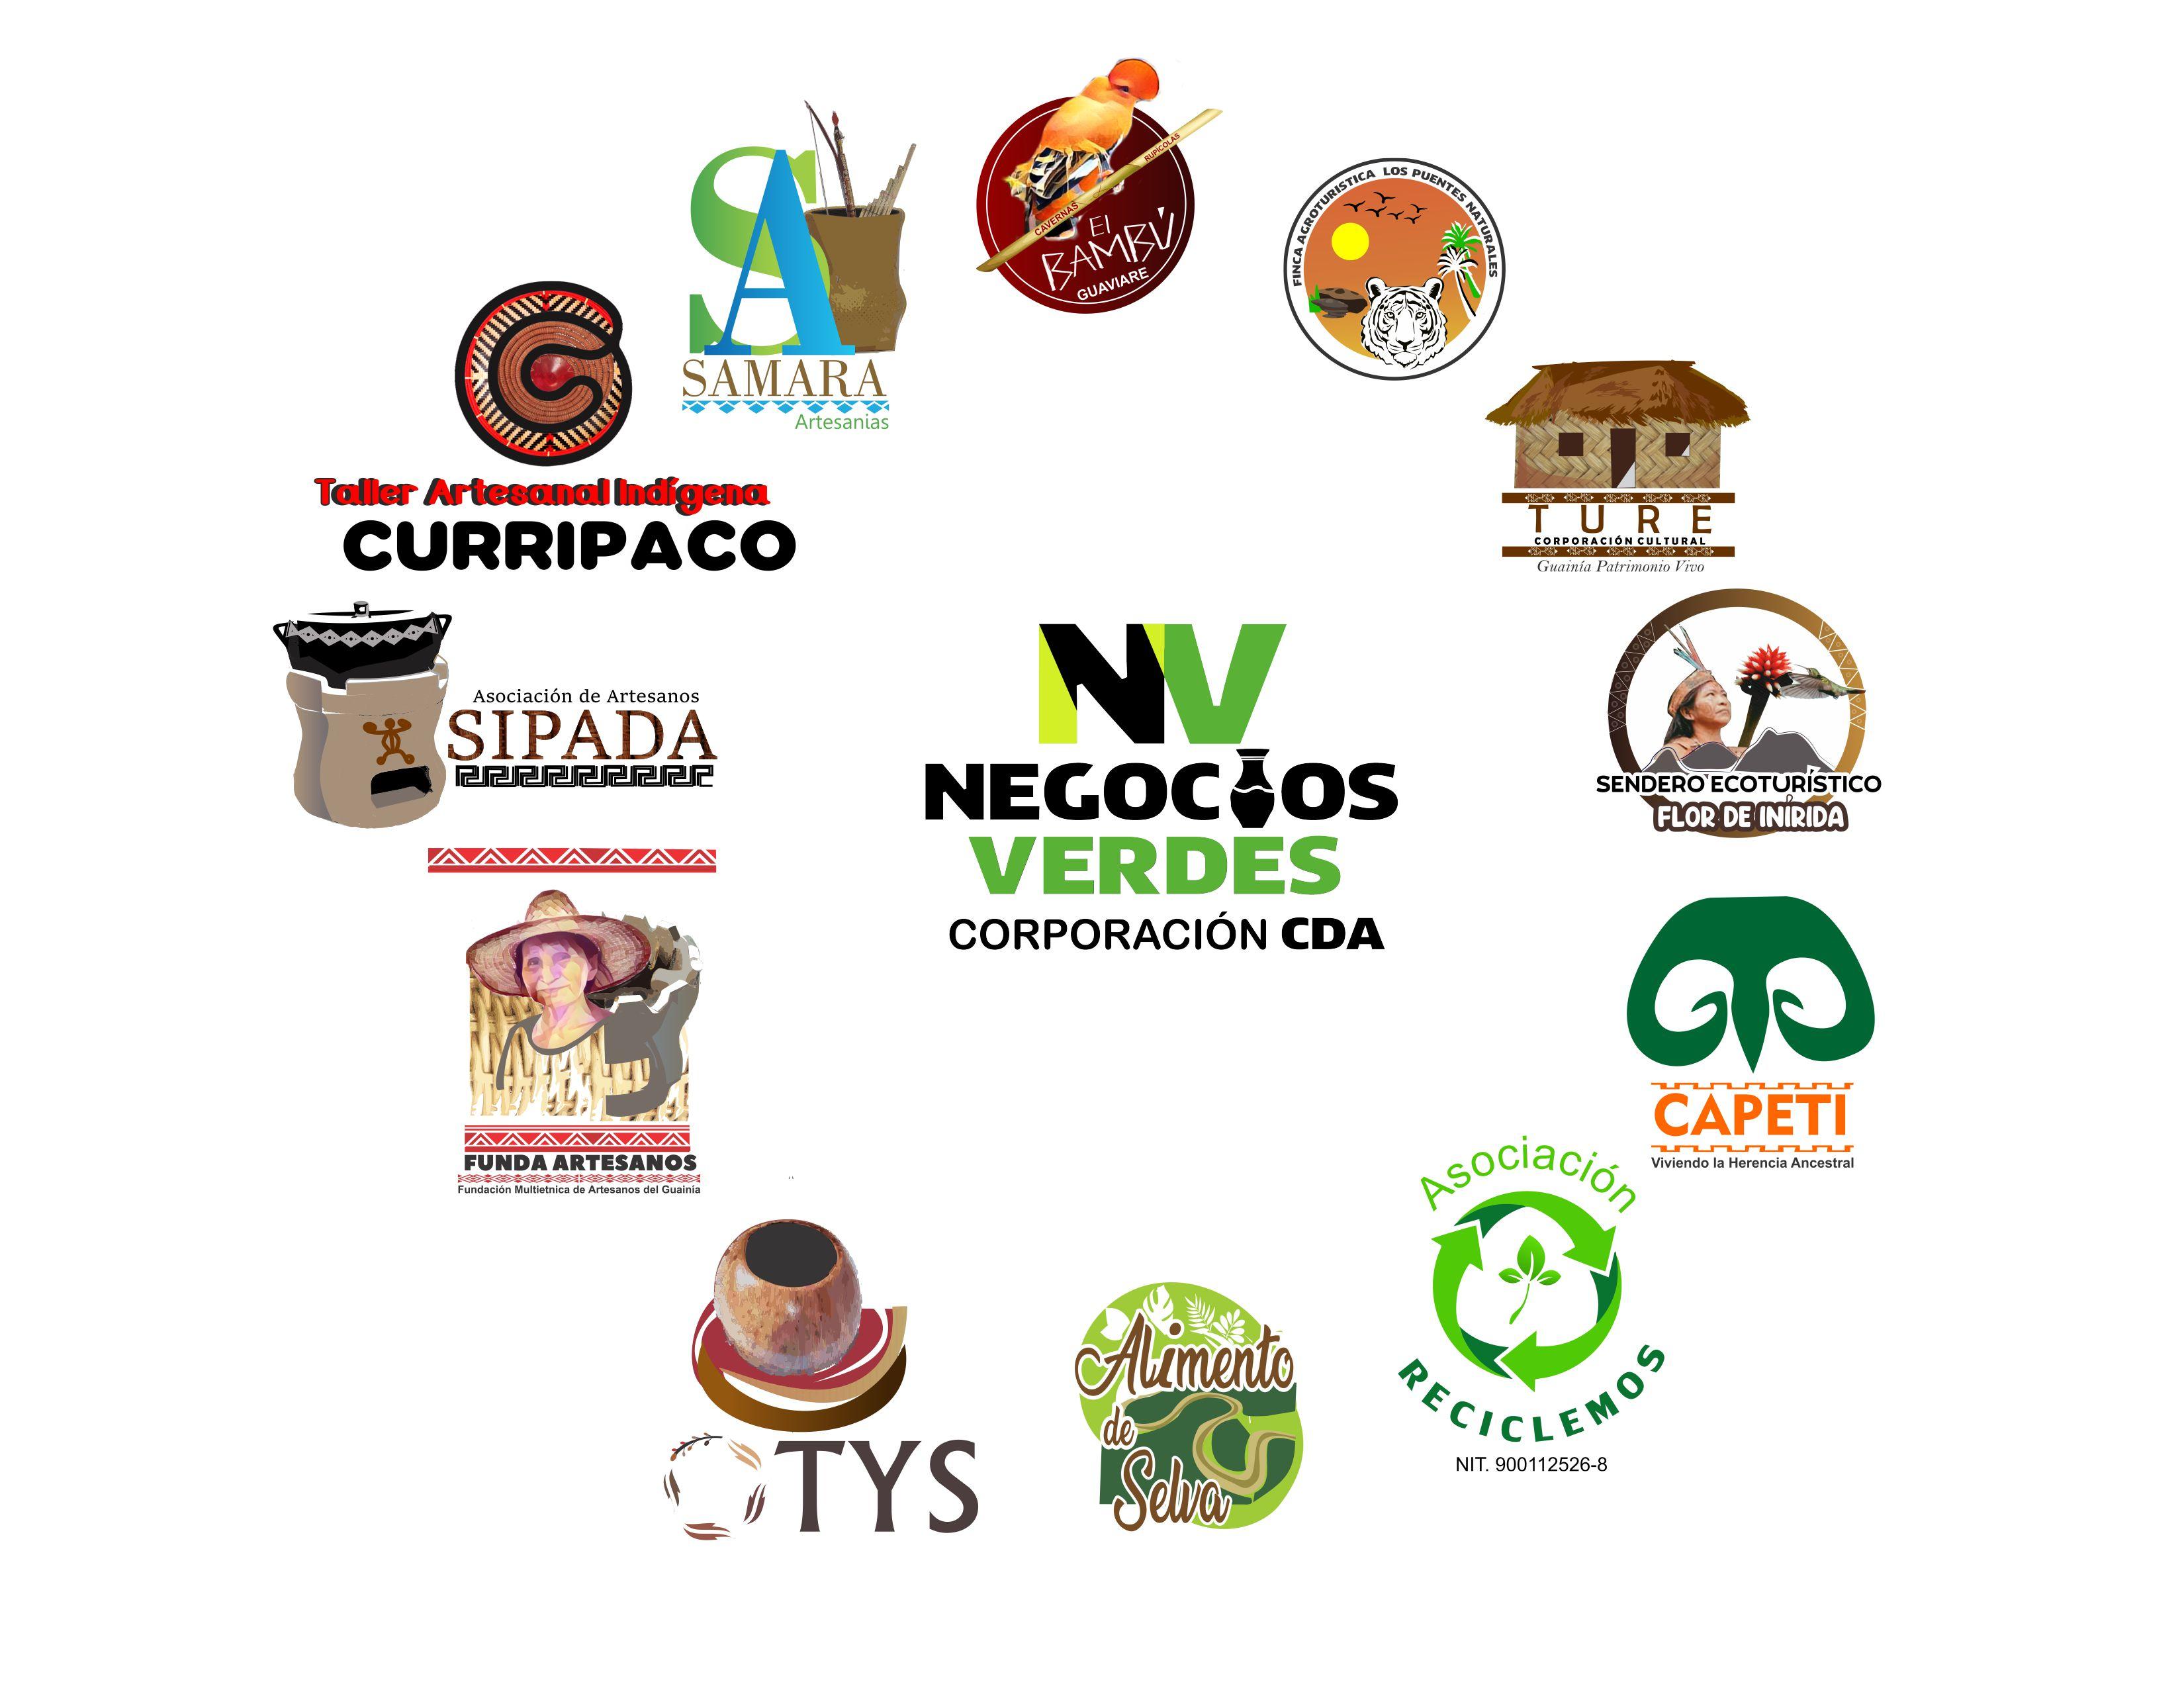 imagen alusiva a  Fortalecimiento a Negocios Verdes en su imagen Corporativa